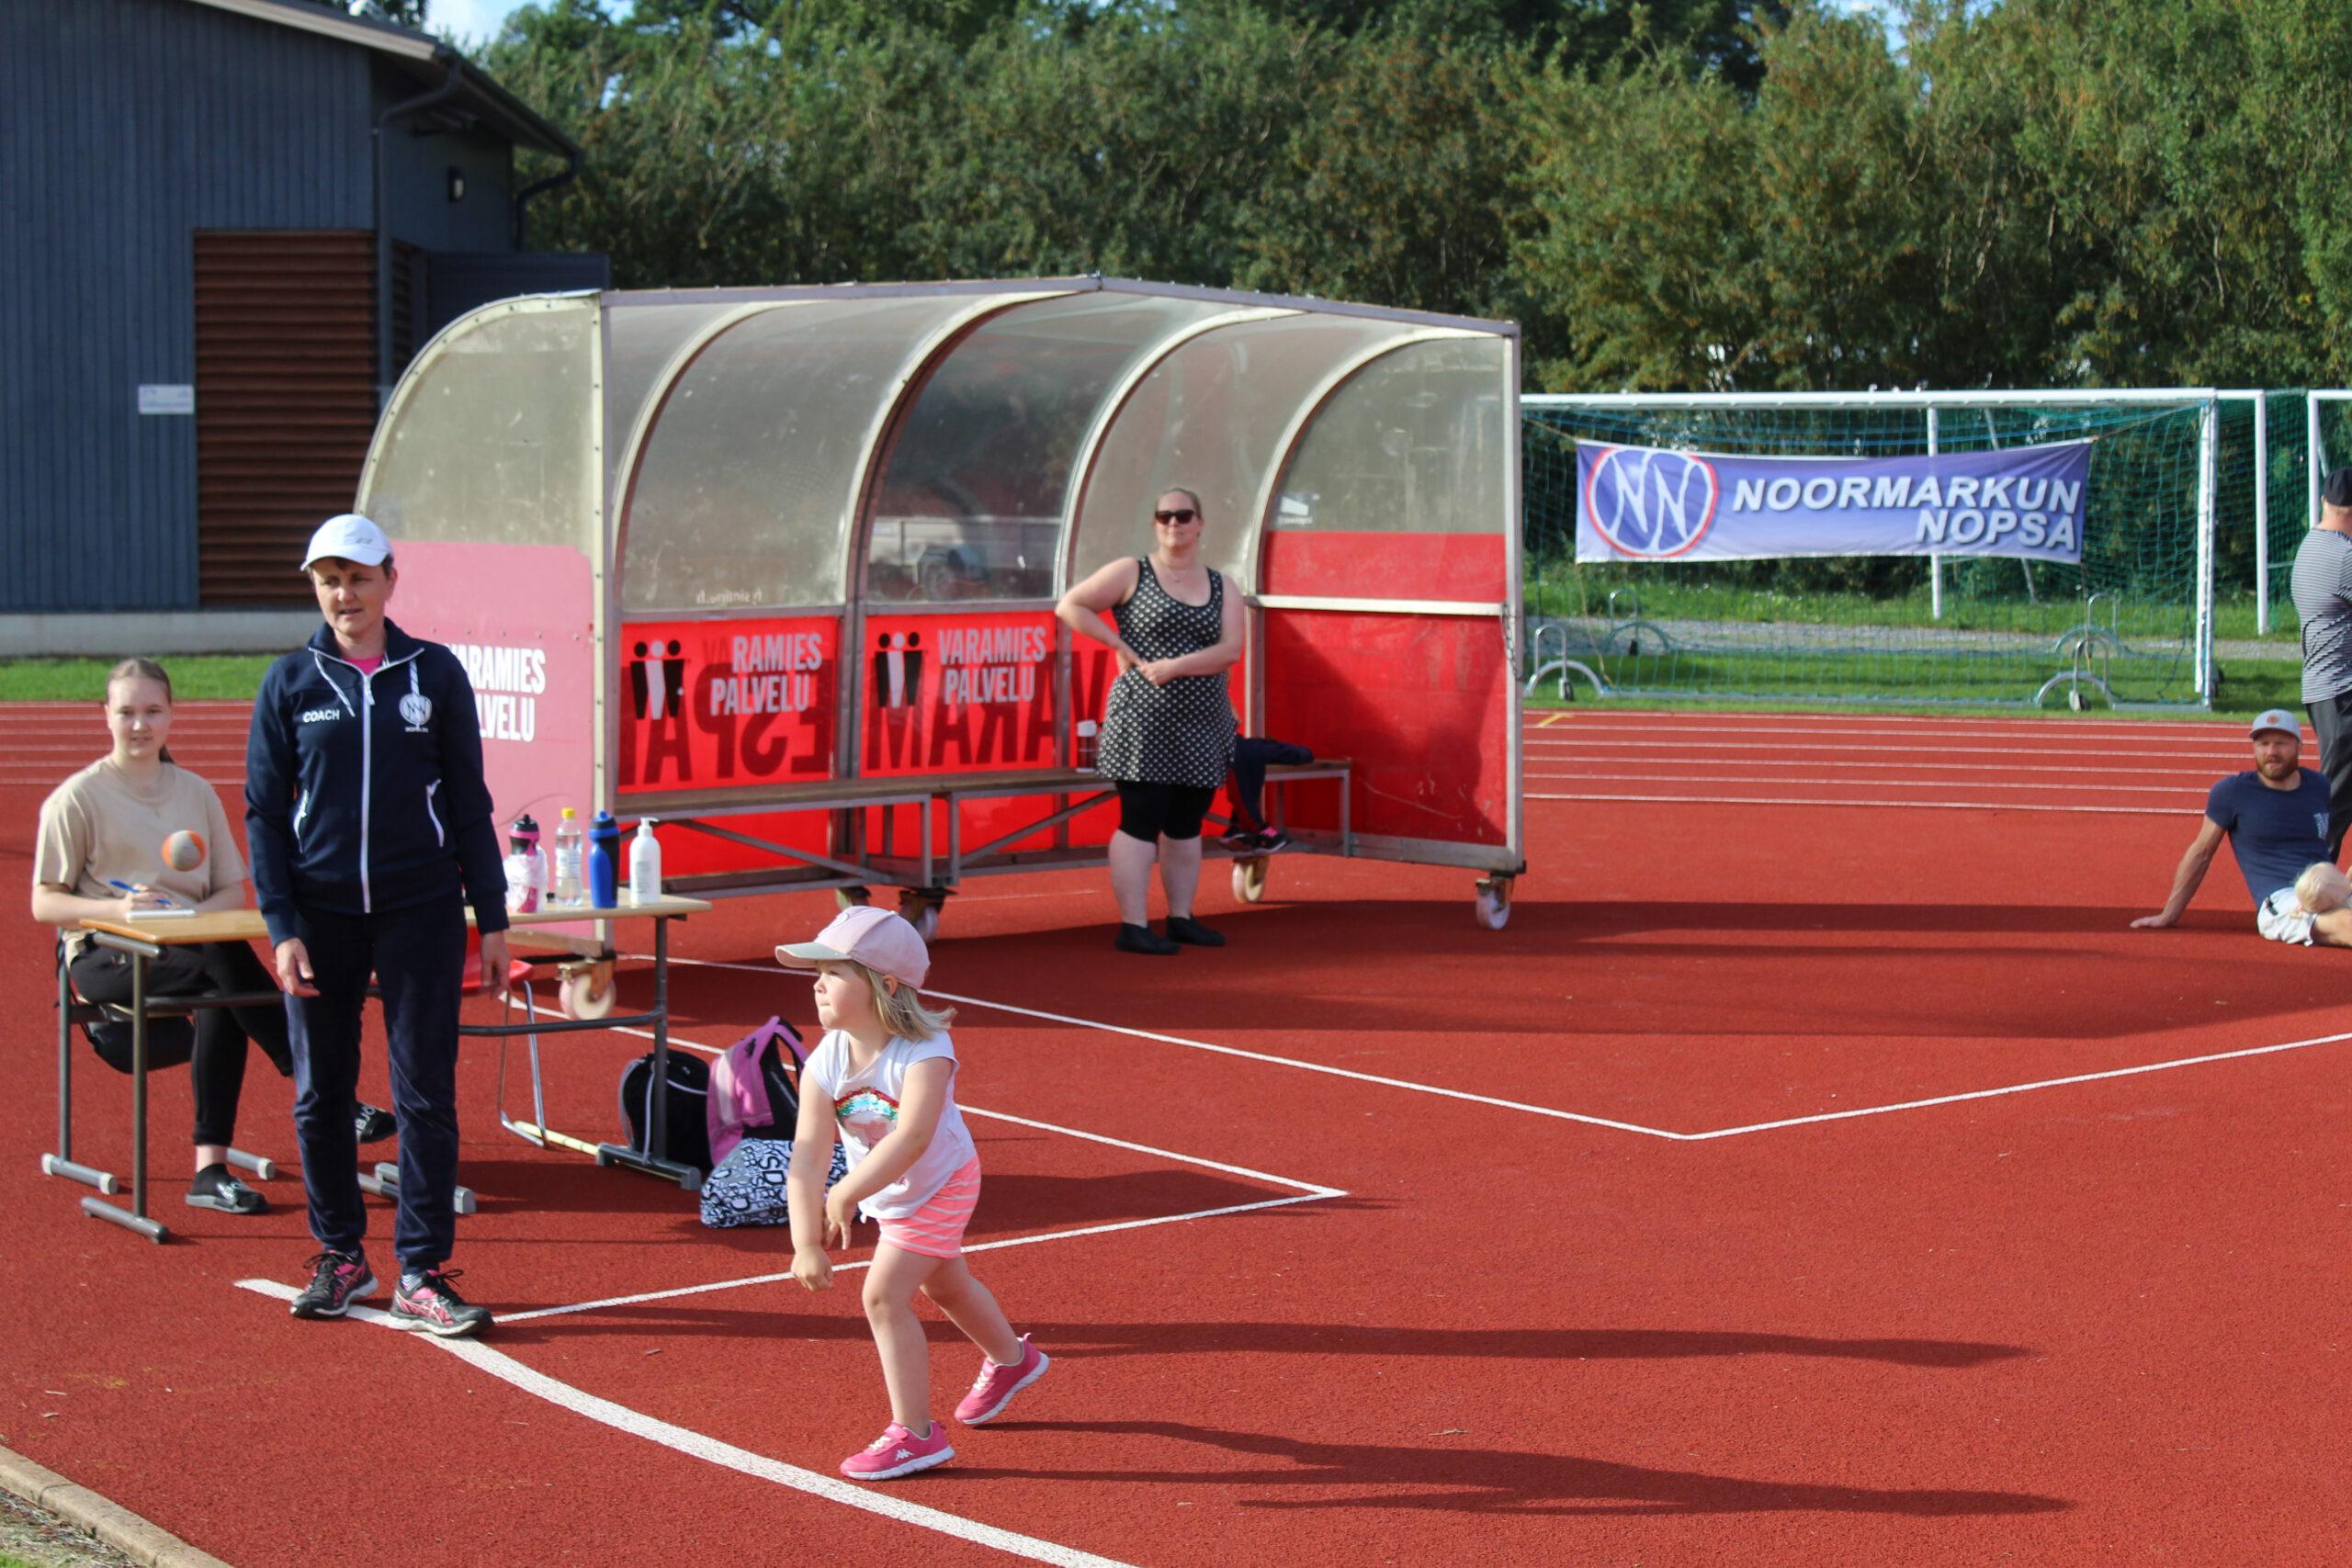 Lasten kisat urheilukentällä